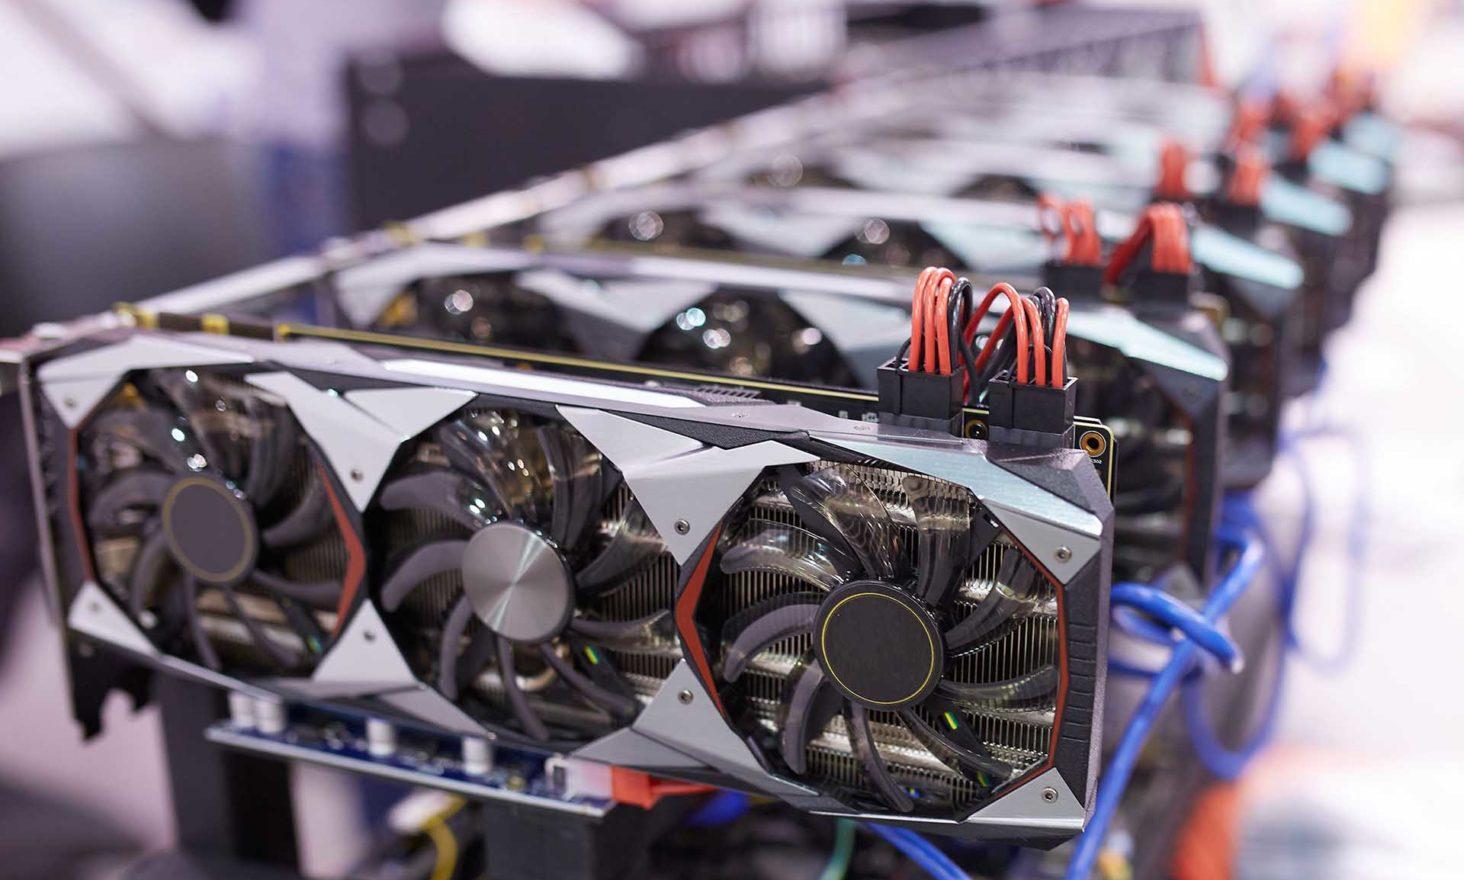 Crypto Mining Causing GPU Price Gouging, Even in Bundles